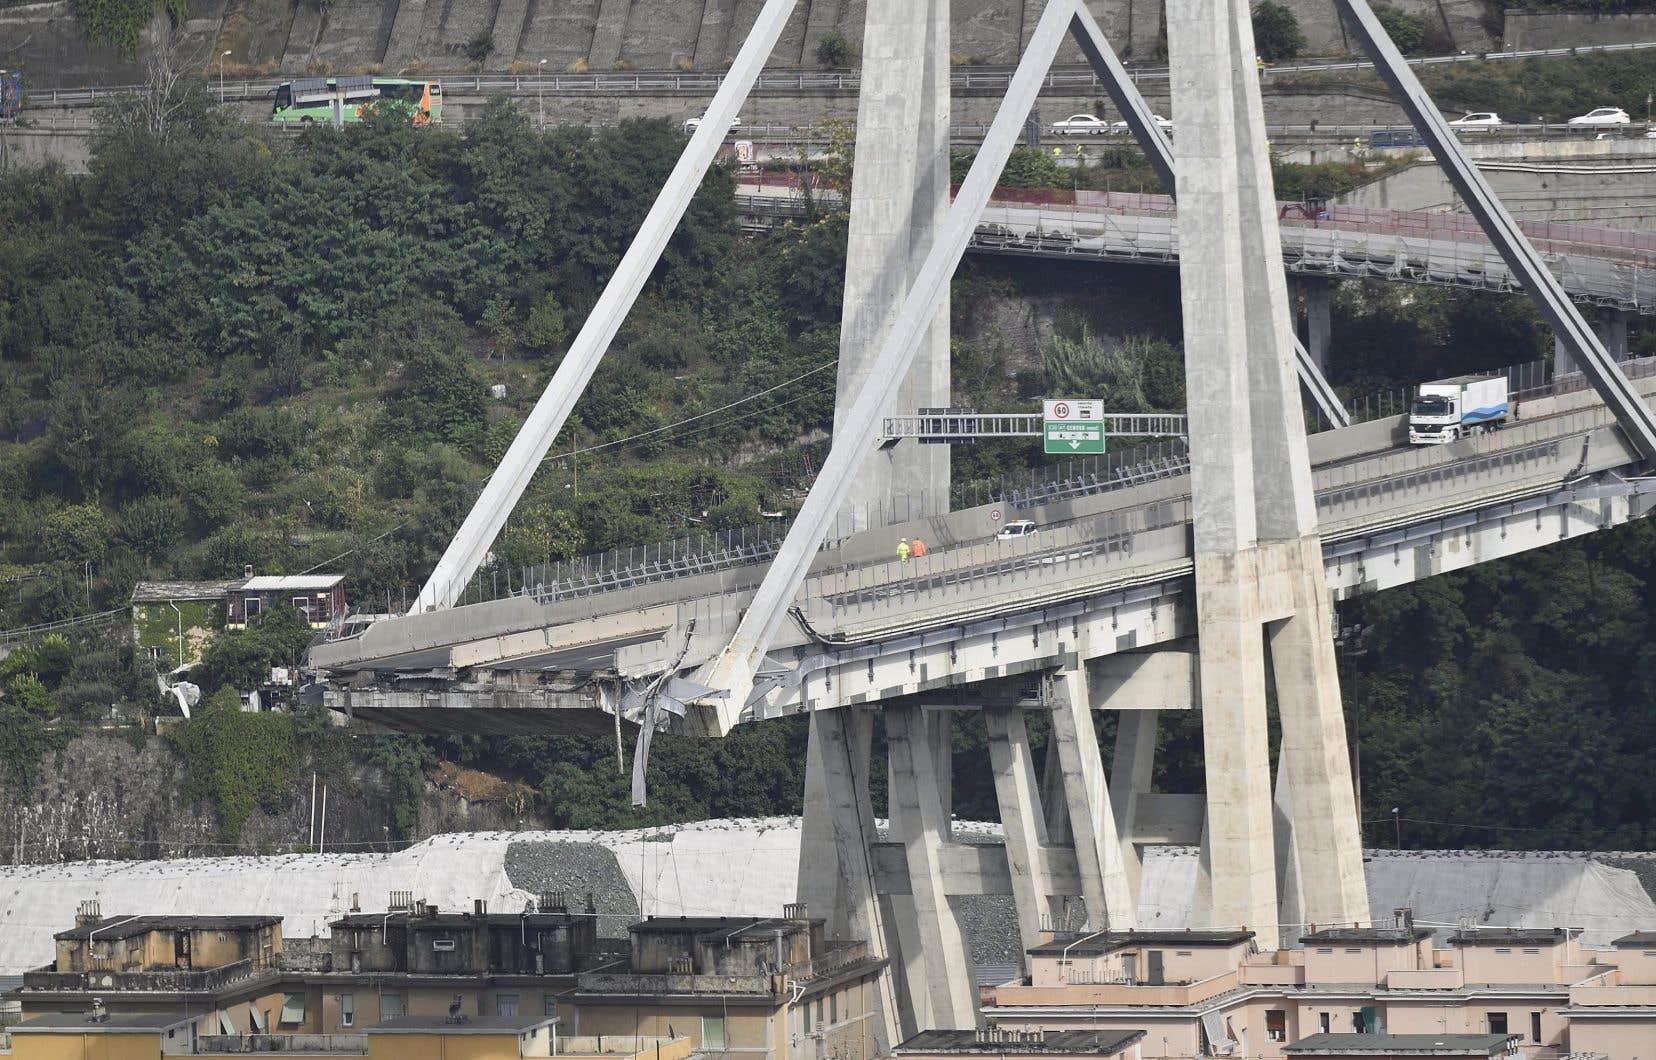 Une section d'environ 80 mètres du pont Morandi, sur une importante autoroute qui relie l'Italie à la France, s'est écroulée dans la ville portuaire de Gênes pendant une violente tempête.